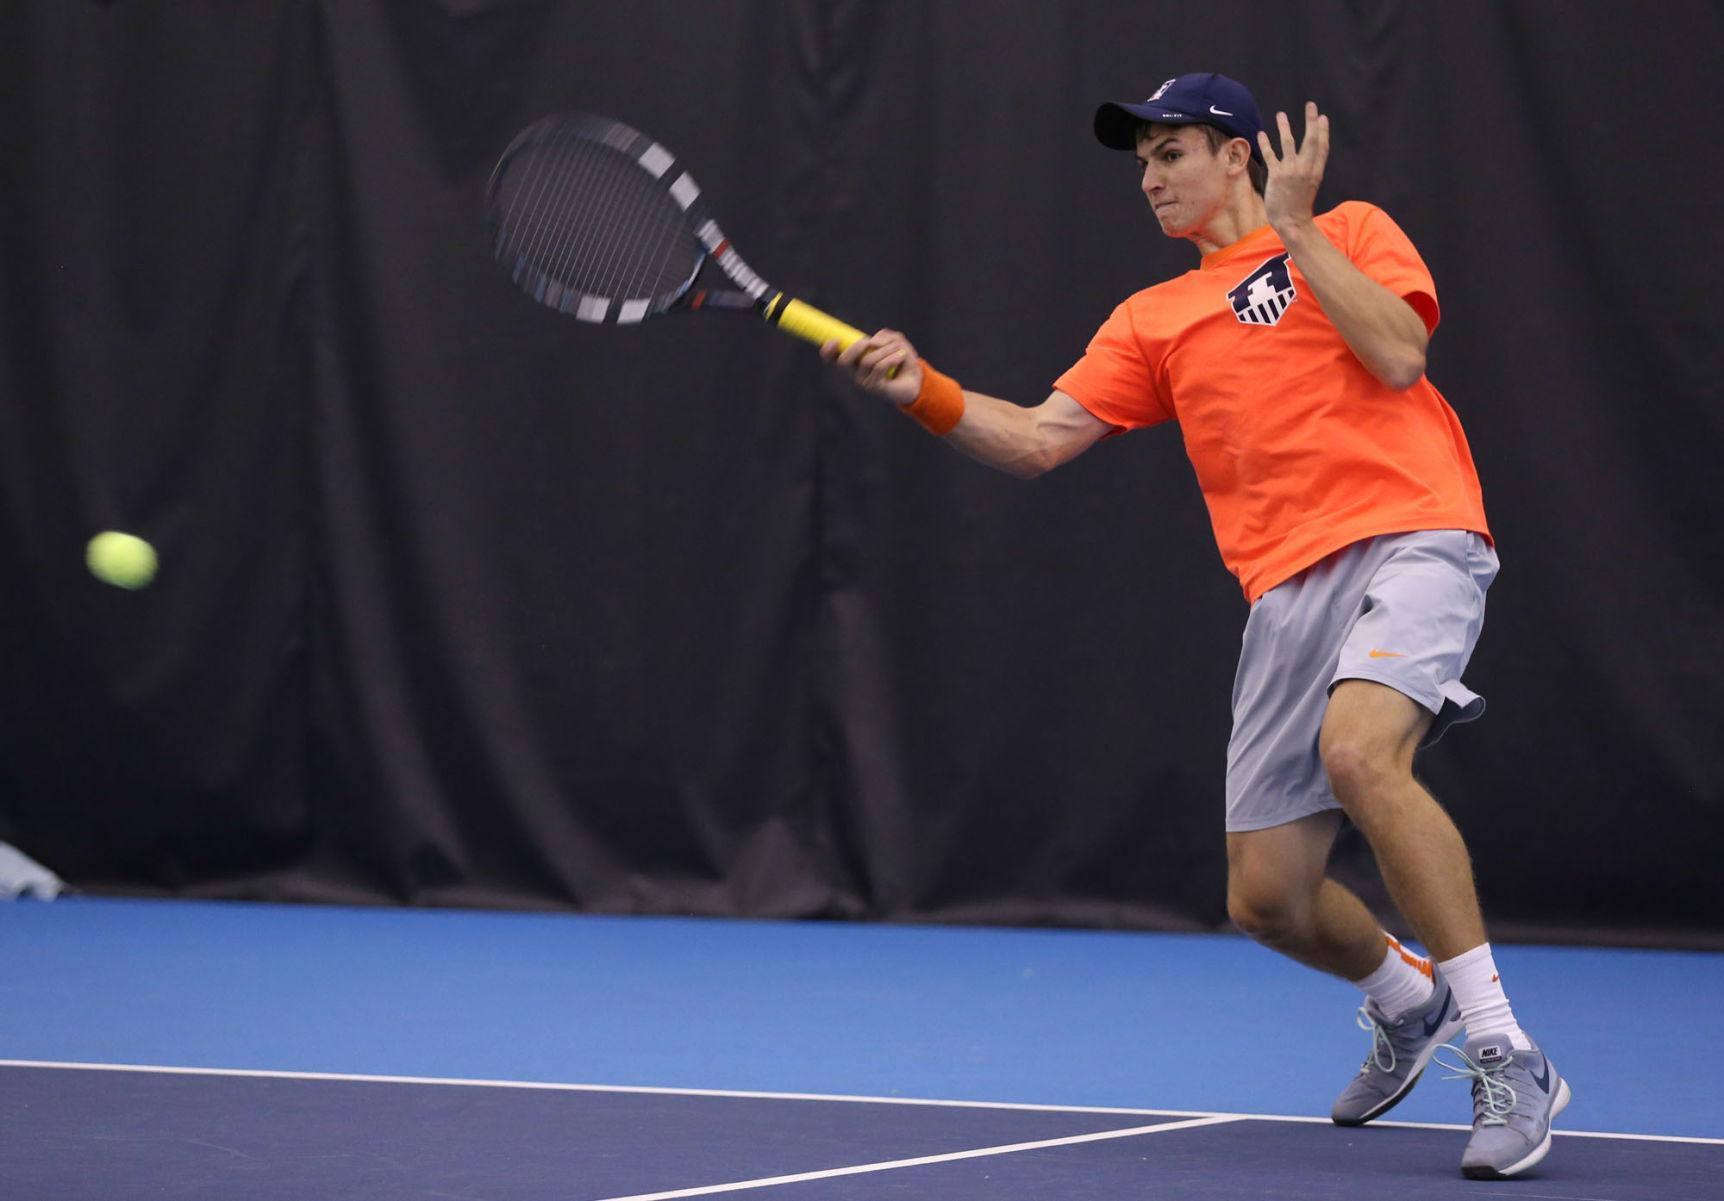 mens tennis clinch share - HD1724×1201